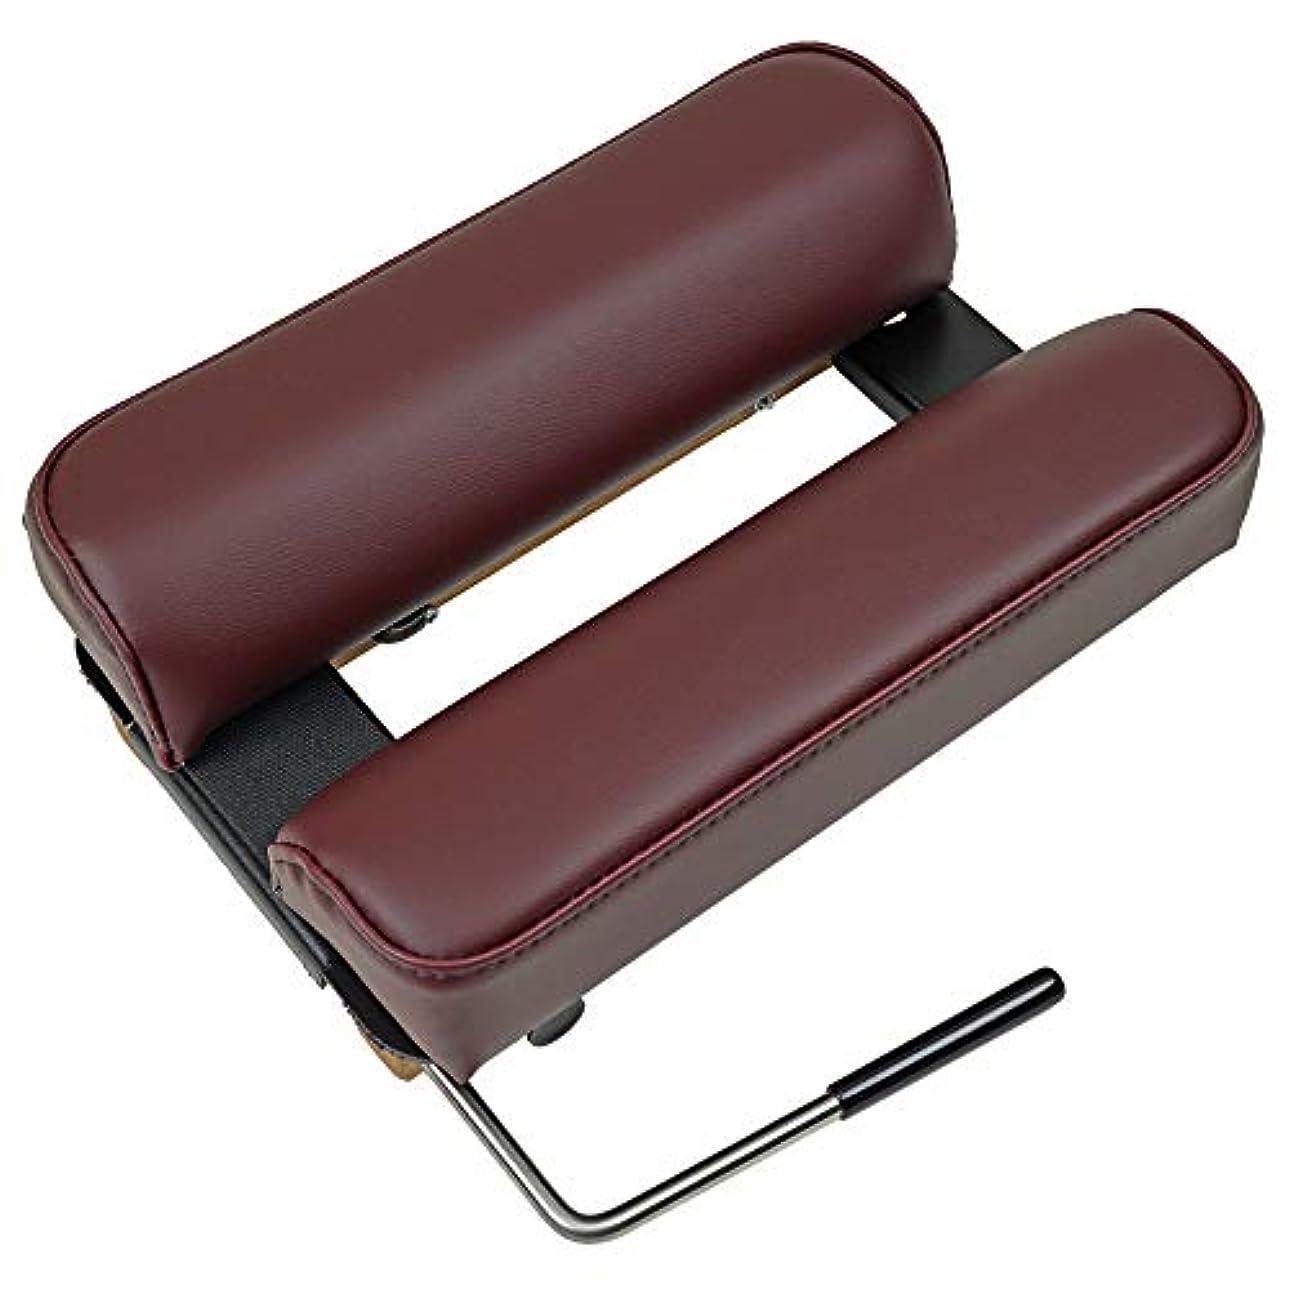 記述するレガシー技術的なTHULI TABLE (ツゥーリテーブル) ポータブルドロップ A ツゥーリ?ポータブルテーブル100 に装備の ヘッドピース 頚椎 の アジャストに